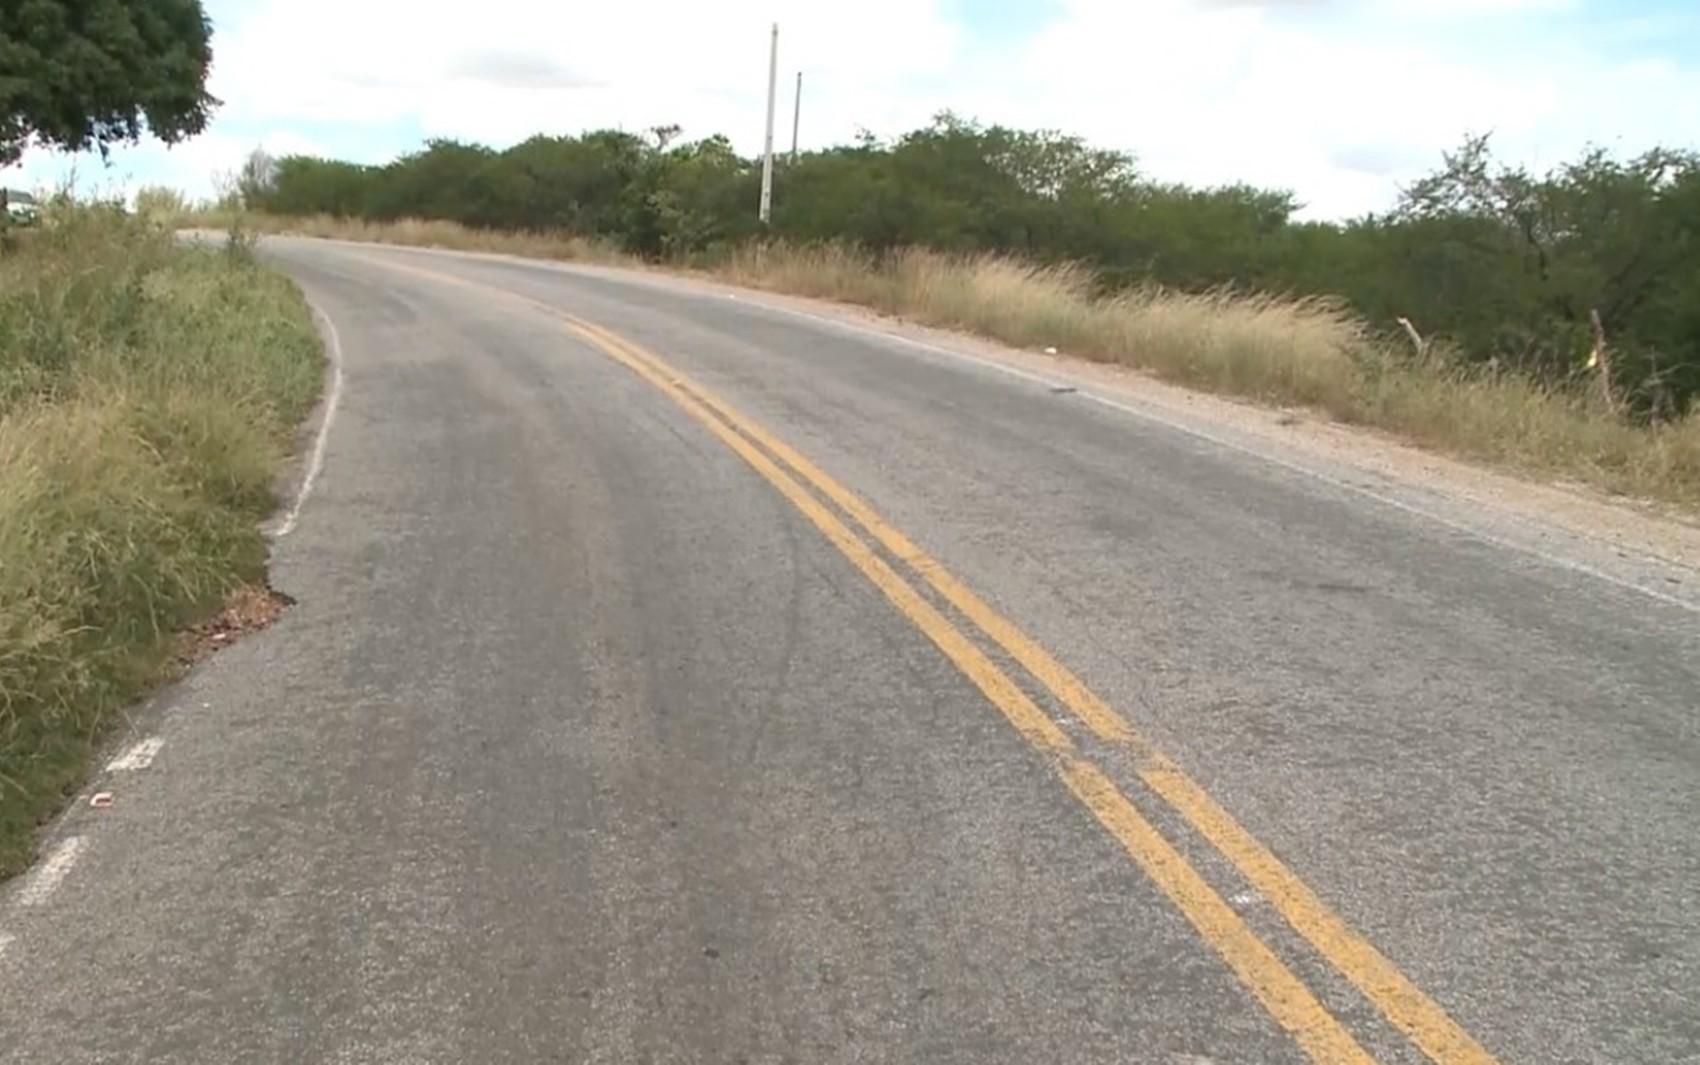 Mais da metade das rodovias da Paraíba estão em bom ou ótimo estado, diz CNT - Notícias - Plantão Diário